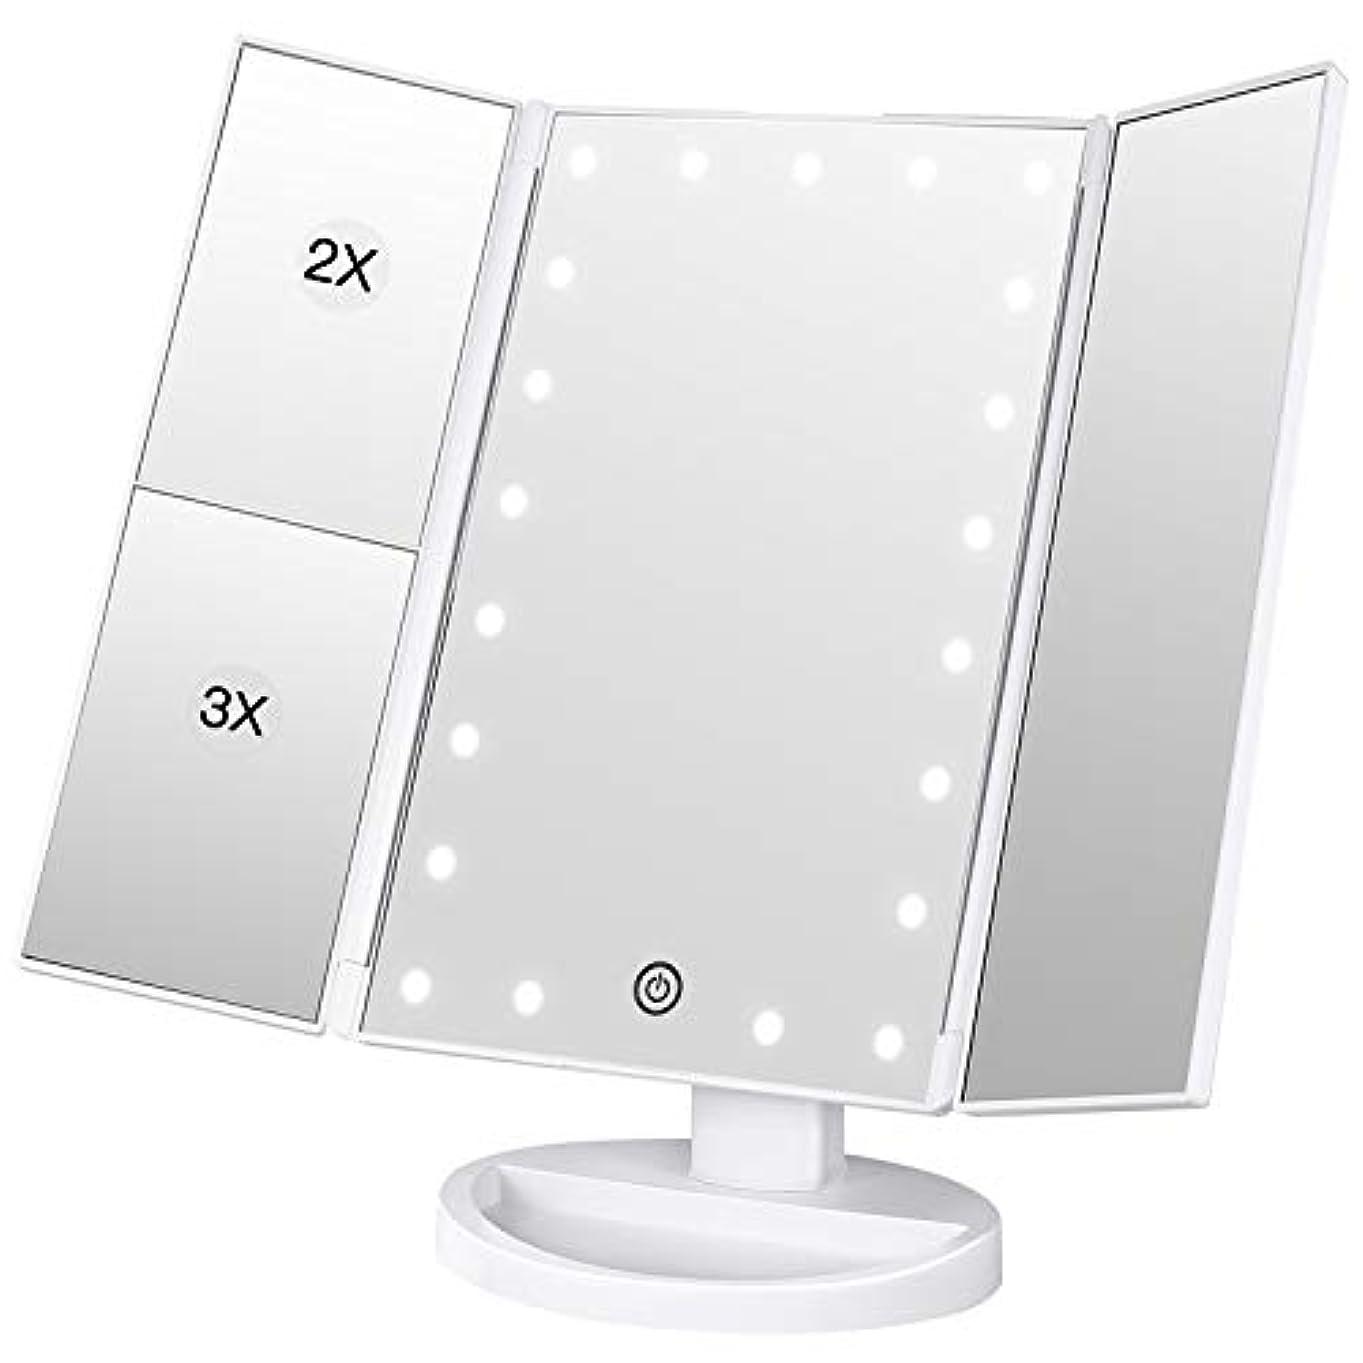 想像する構成する用量BESTOPE 化粧鏡 化粧ミラー 鏡 三面鏡 女優ミラー 卓上 led付き 折りたたみ 拡大鏡 2&3倍 明るさ調節可能 180°回転 電池&USB 2WAY給電